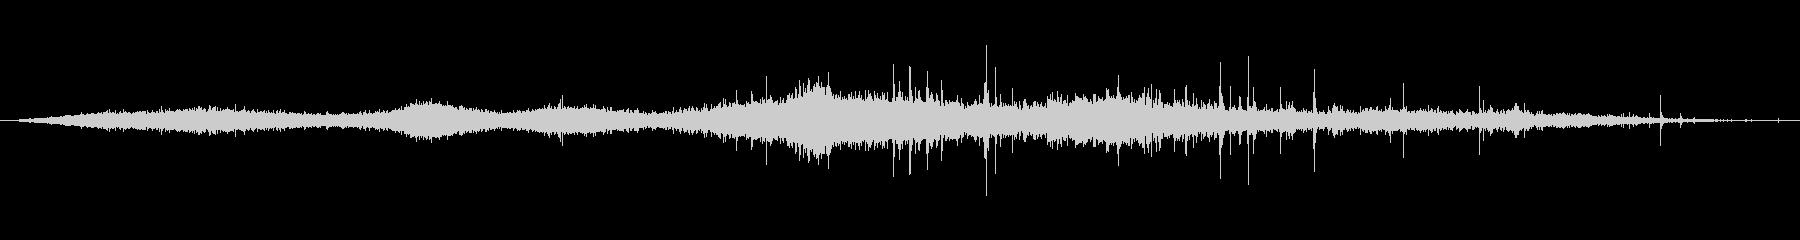 植生 木の葉ラッスルソフト04の未再生の波形